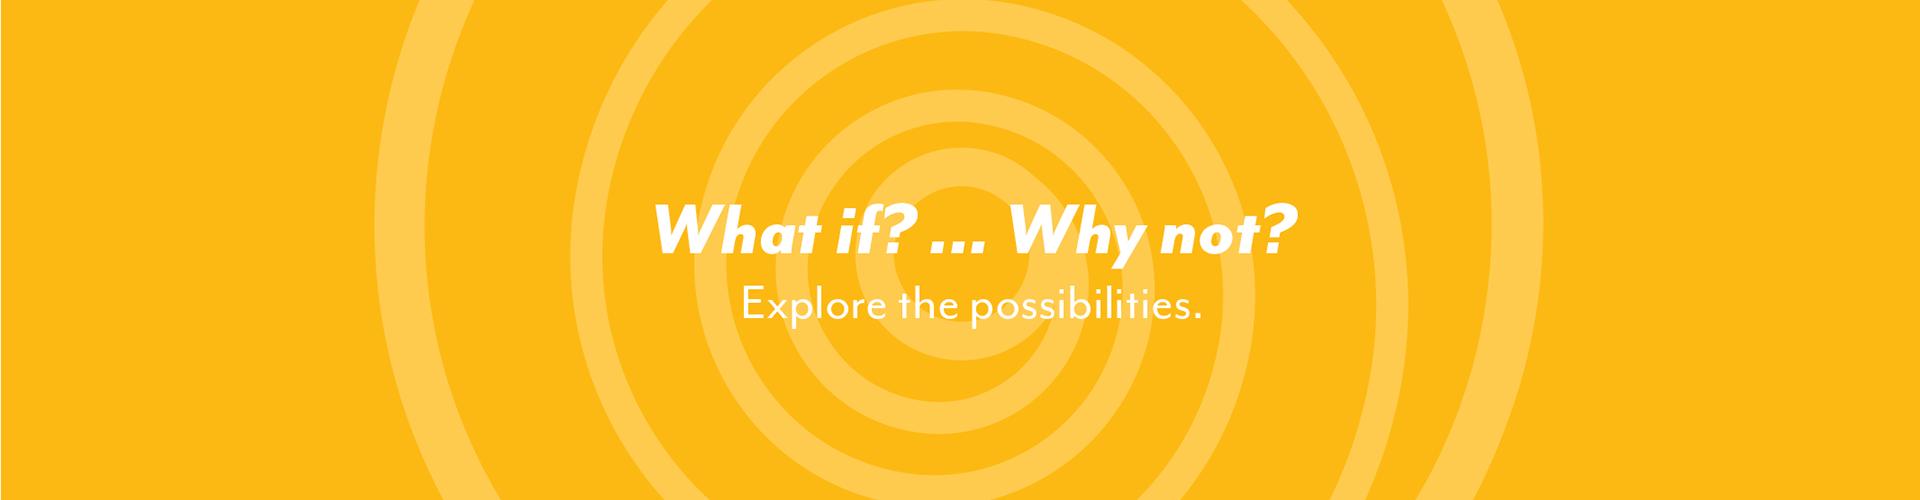 4a578c4d2 Explore the possibilities